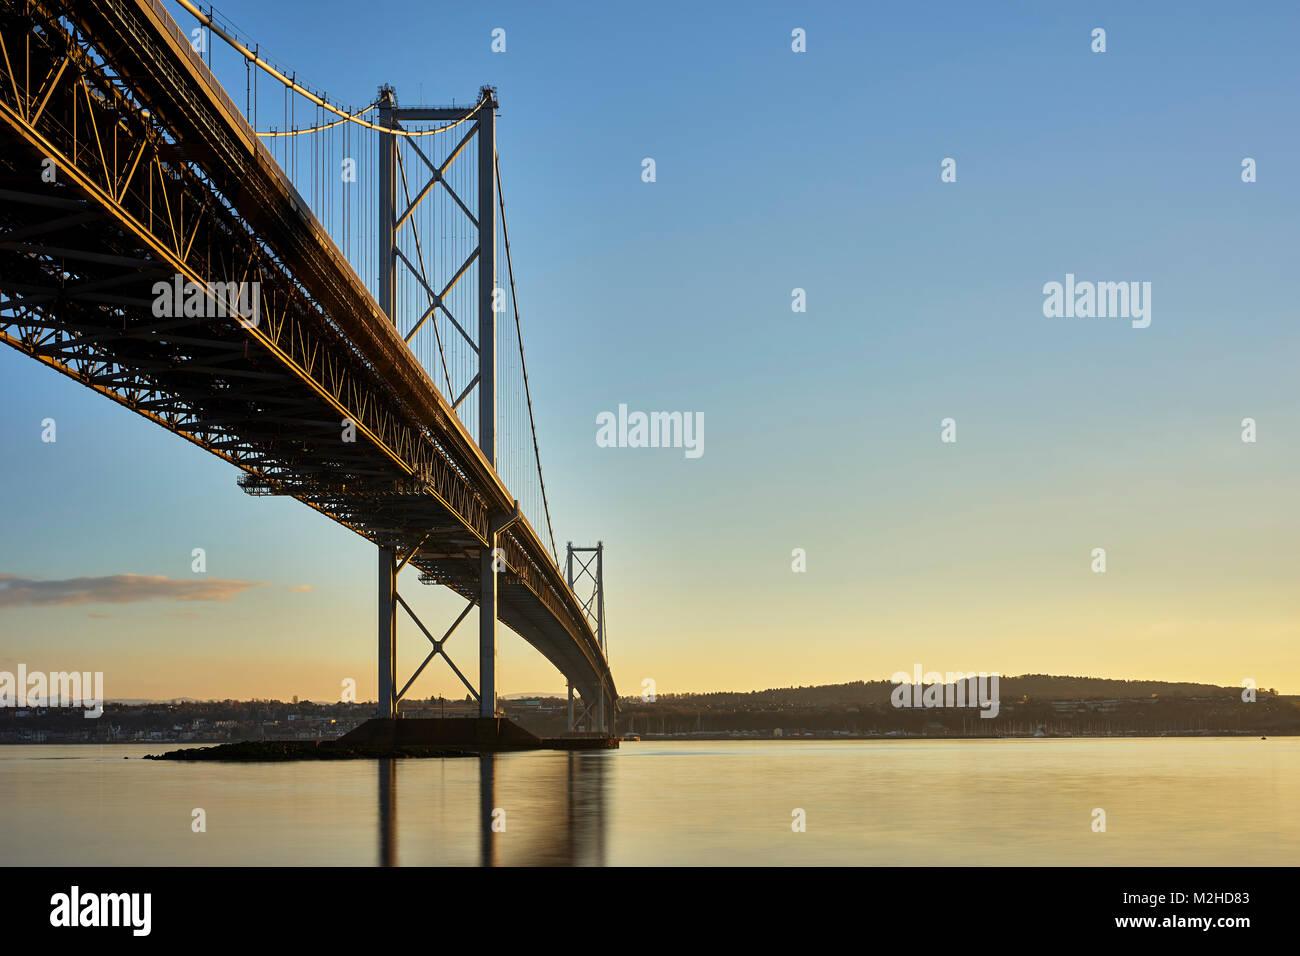 Forth Road Bridge von North Queensferry, Fife, Schottland. Stockbild